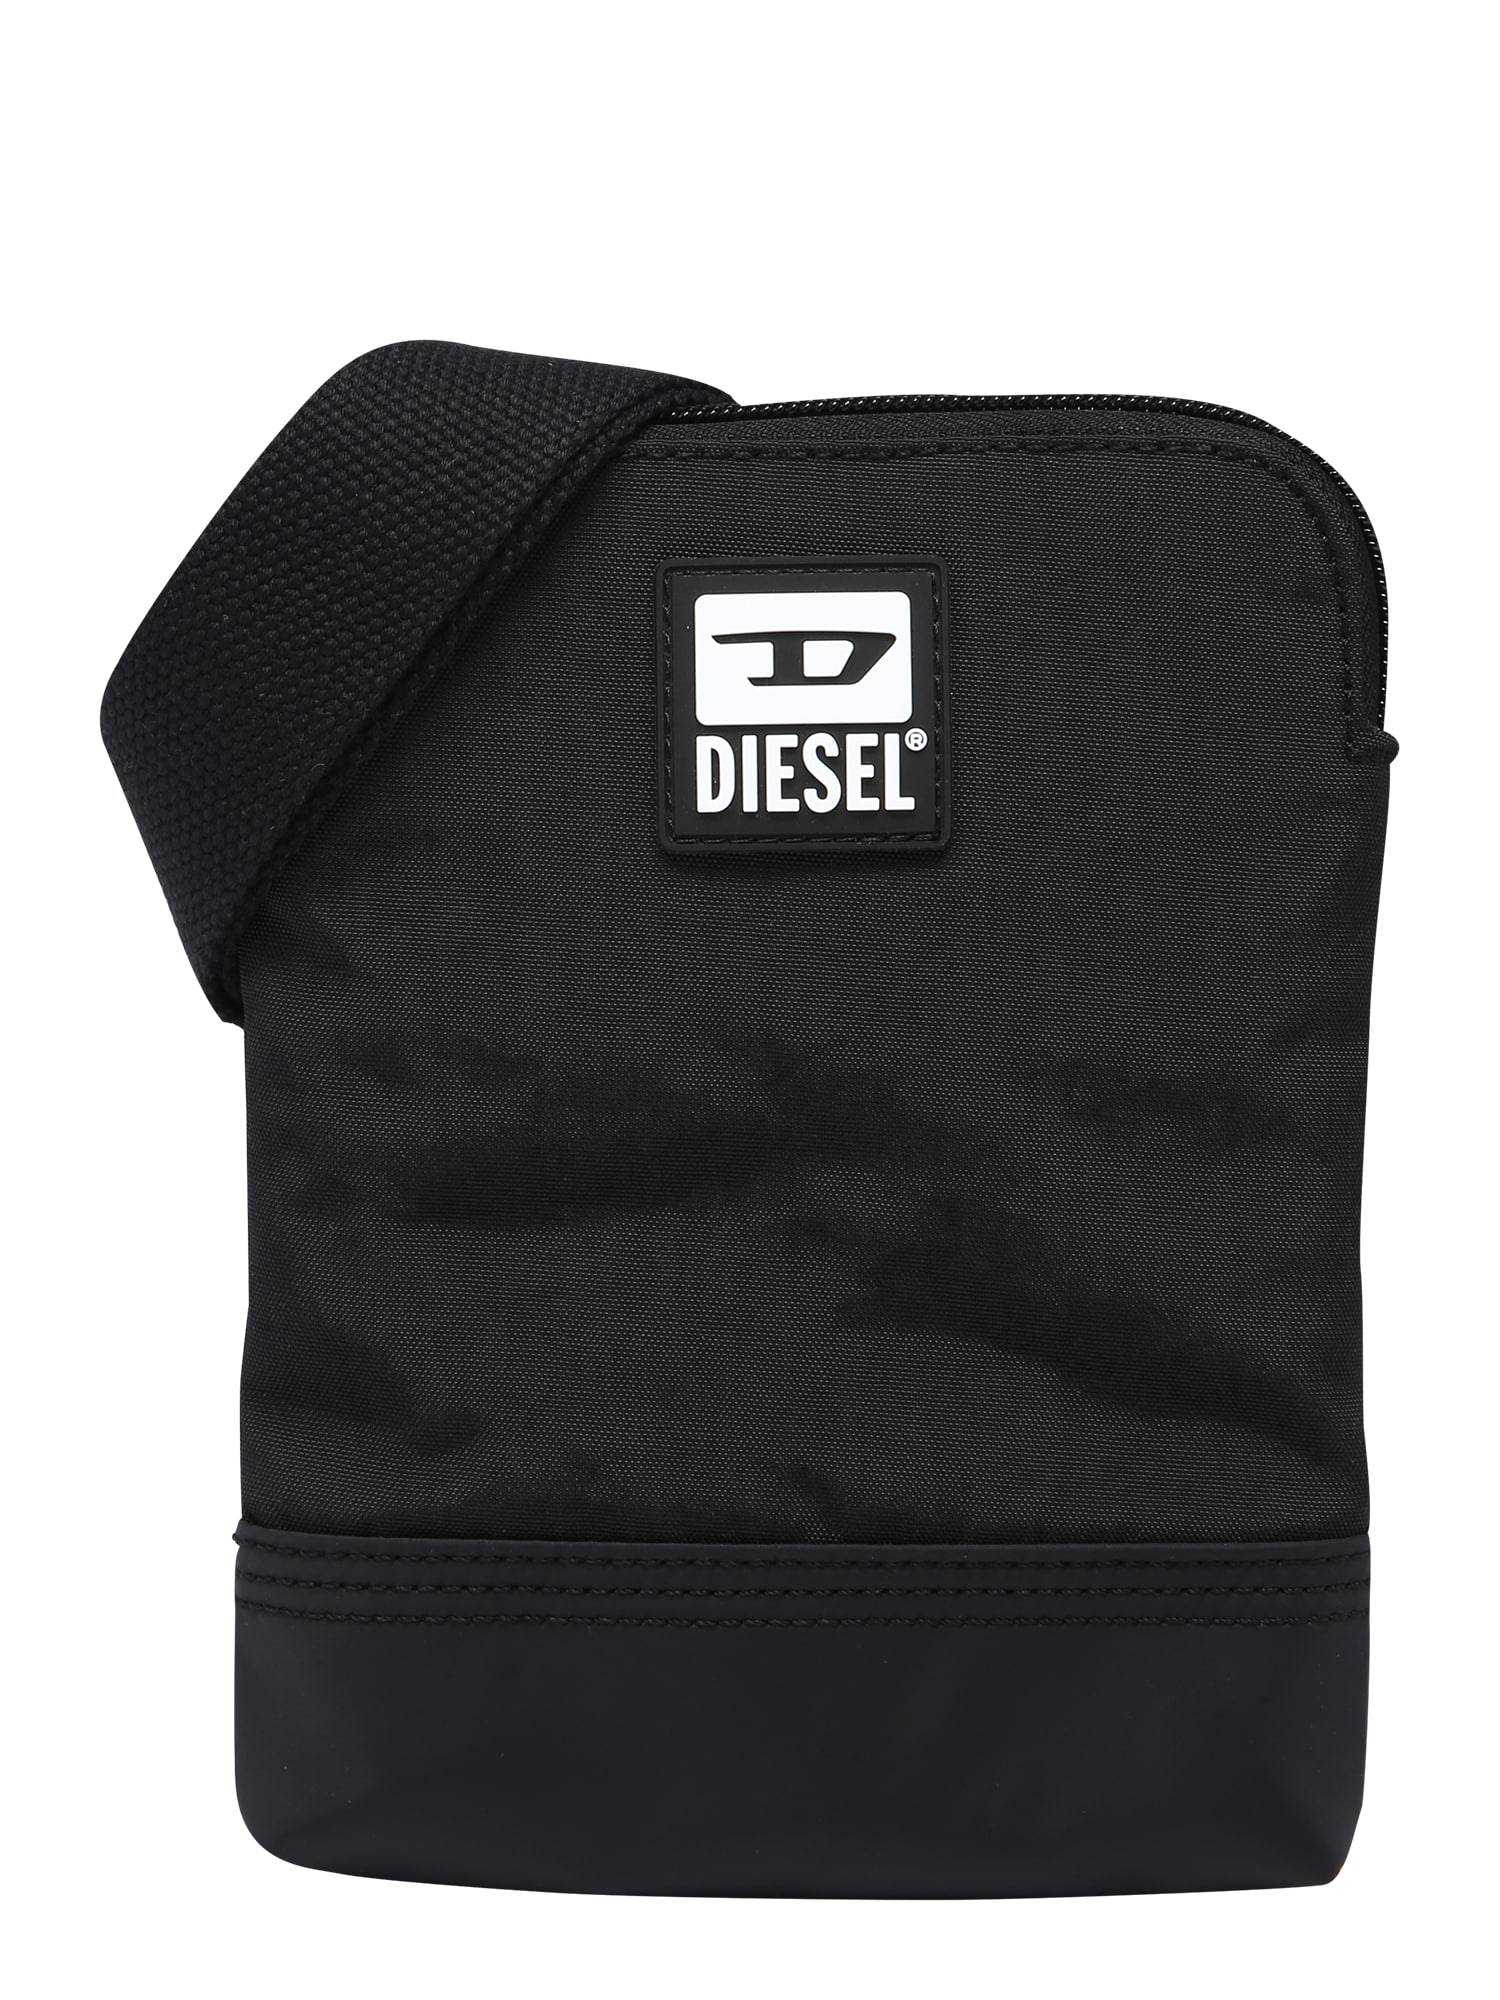 Diesel Sac à bandoulière 'VYGA'  - Noir - Taille: One Size - male